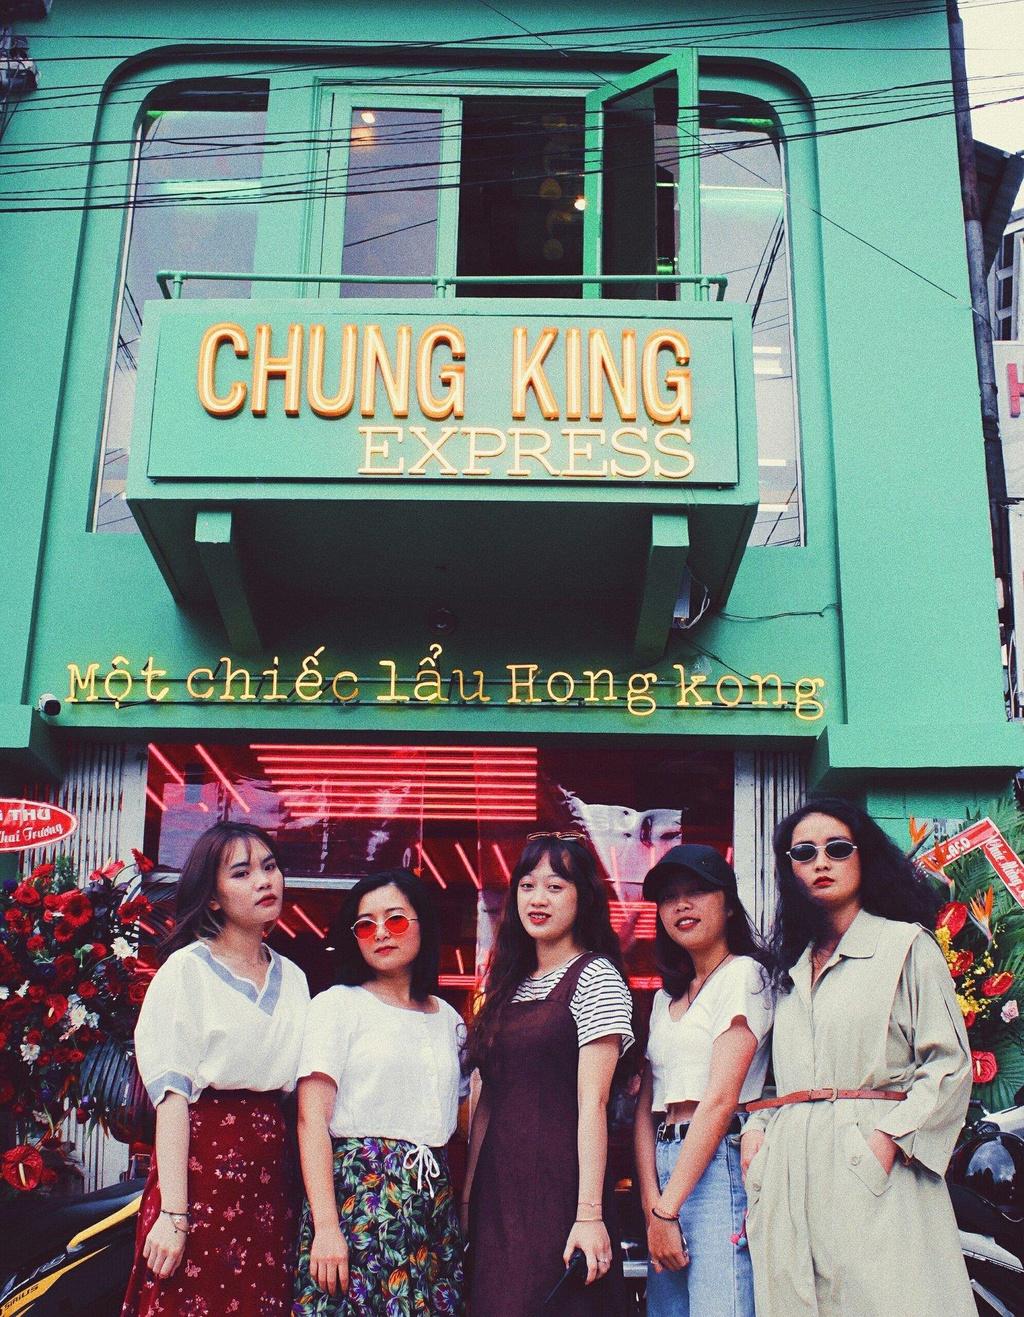 Tiem lau dam chat Hong Kong vua xuat hien tai Da Lat anh 3